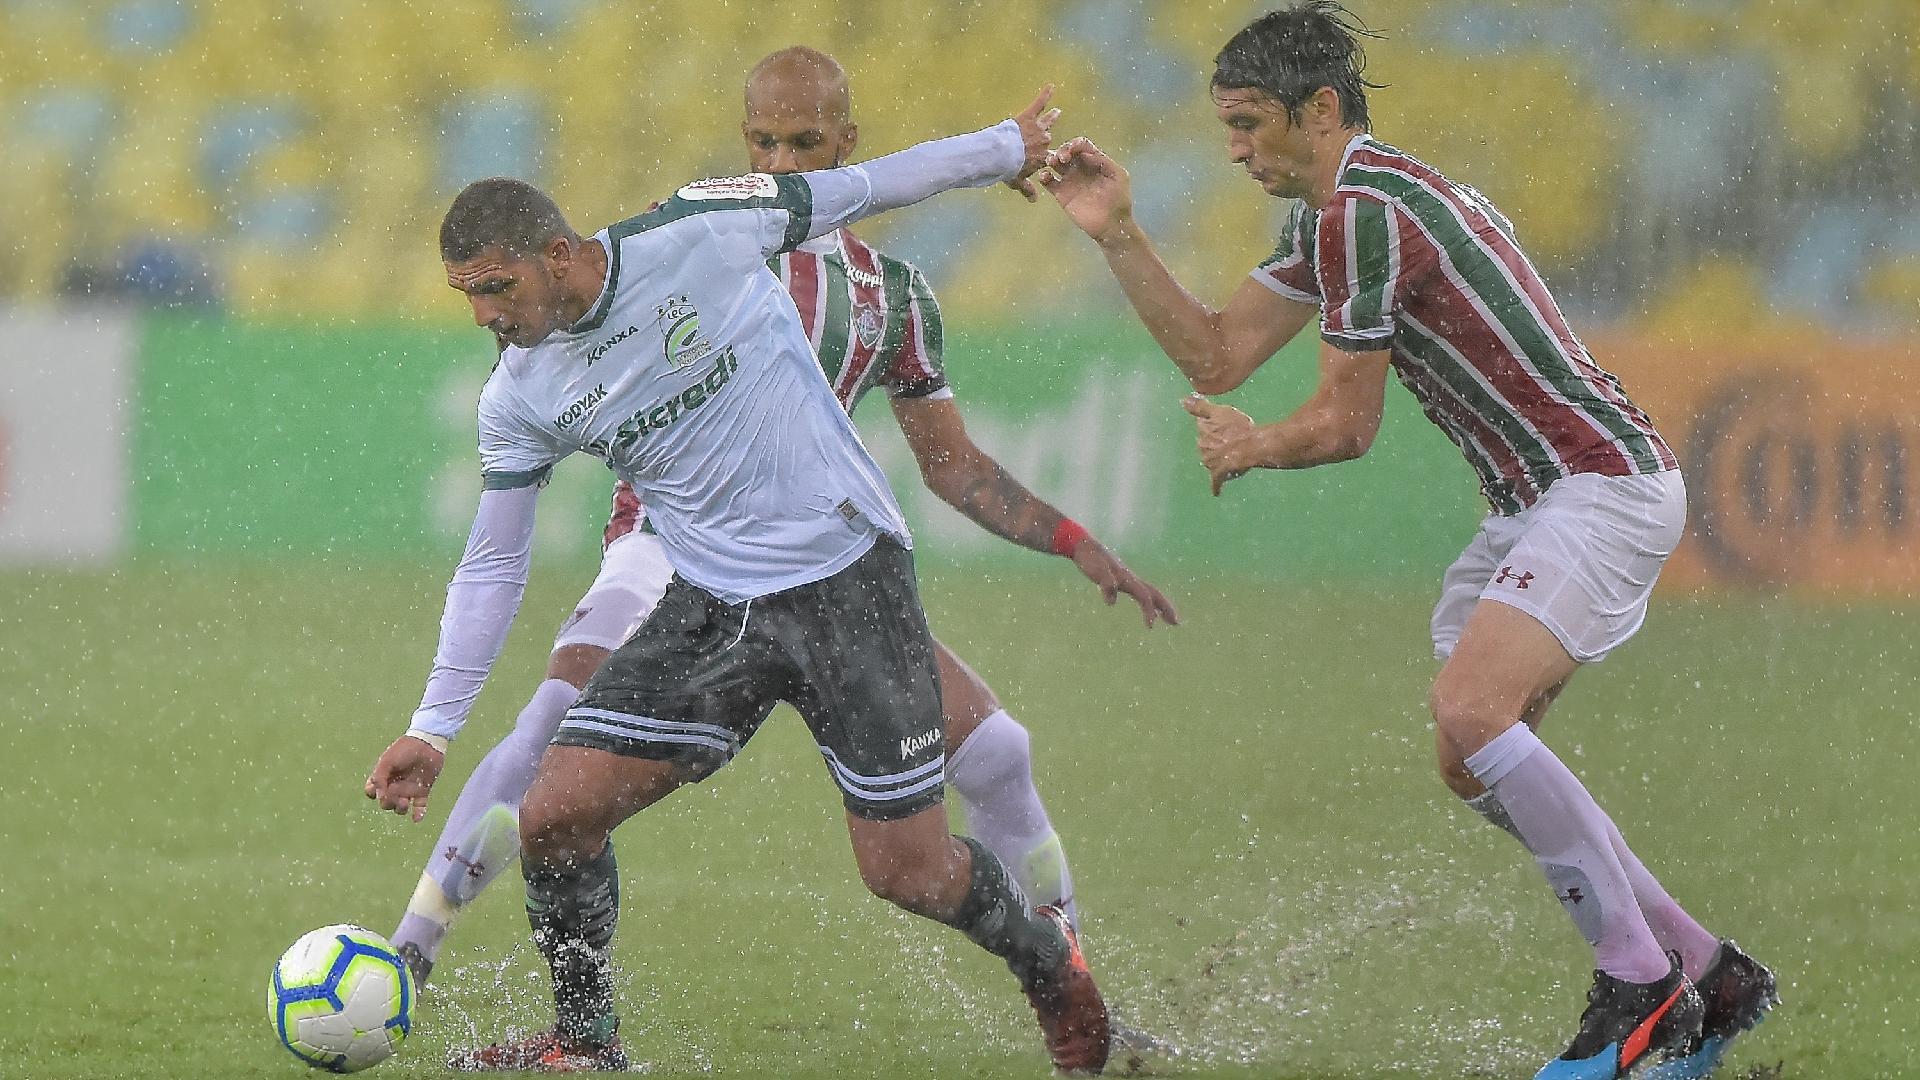 Mateus Ferraz, do Fluminense, disputa lance com Wilson Jr., do Luverdense, durante partida pela Copa do Brasil 2019